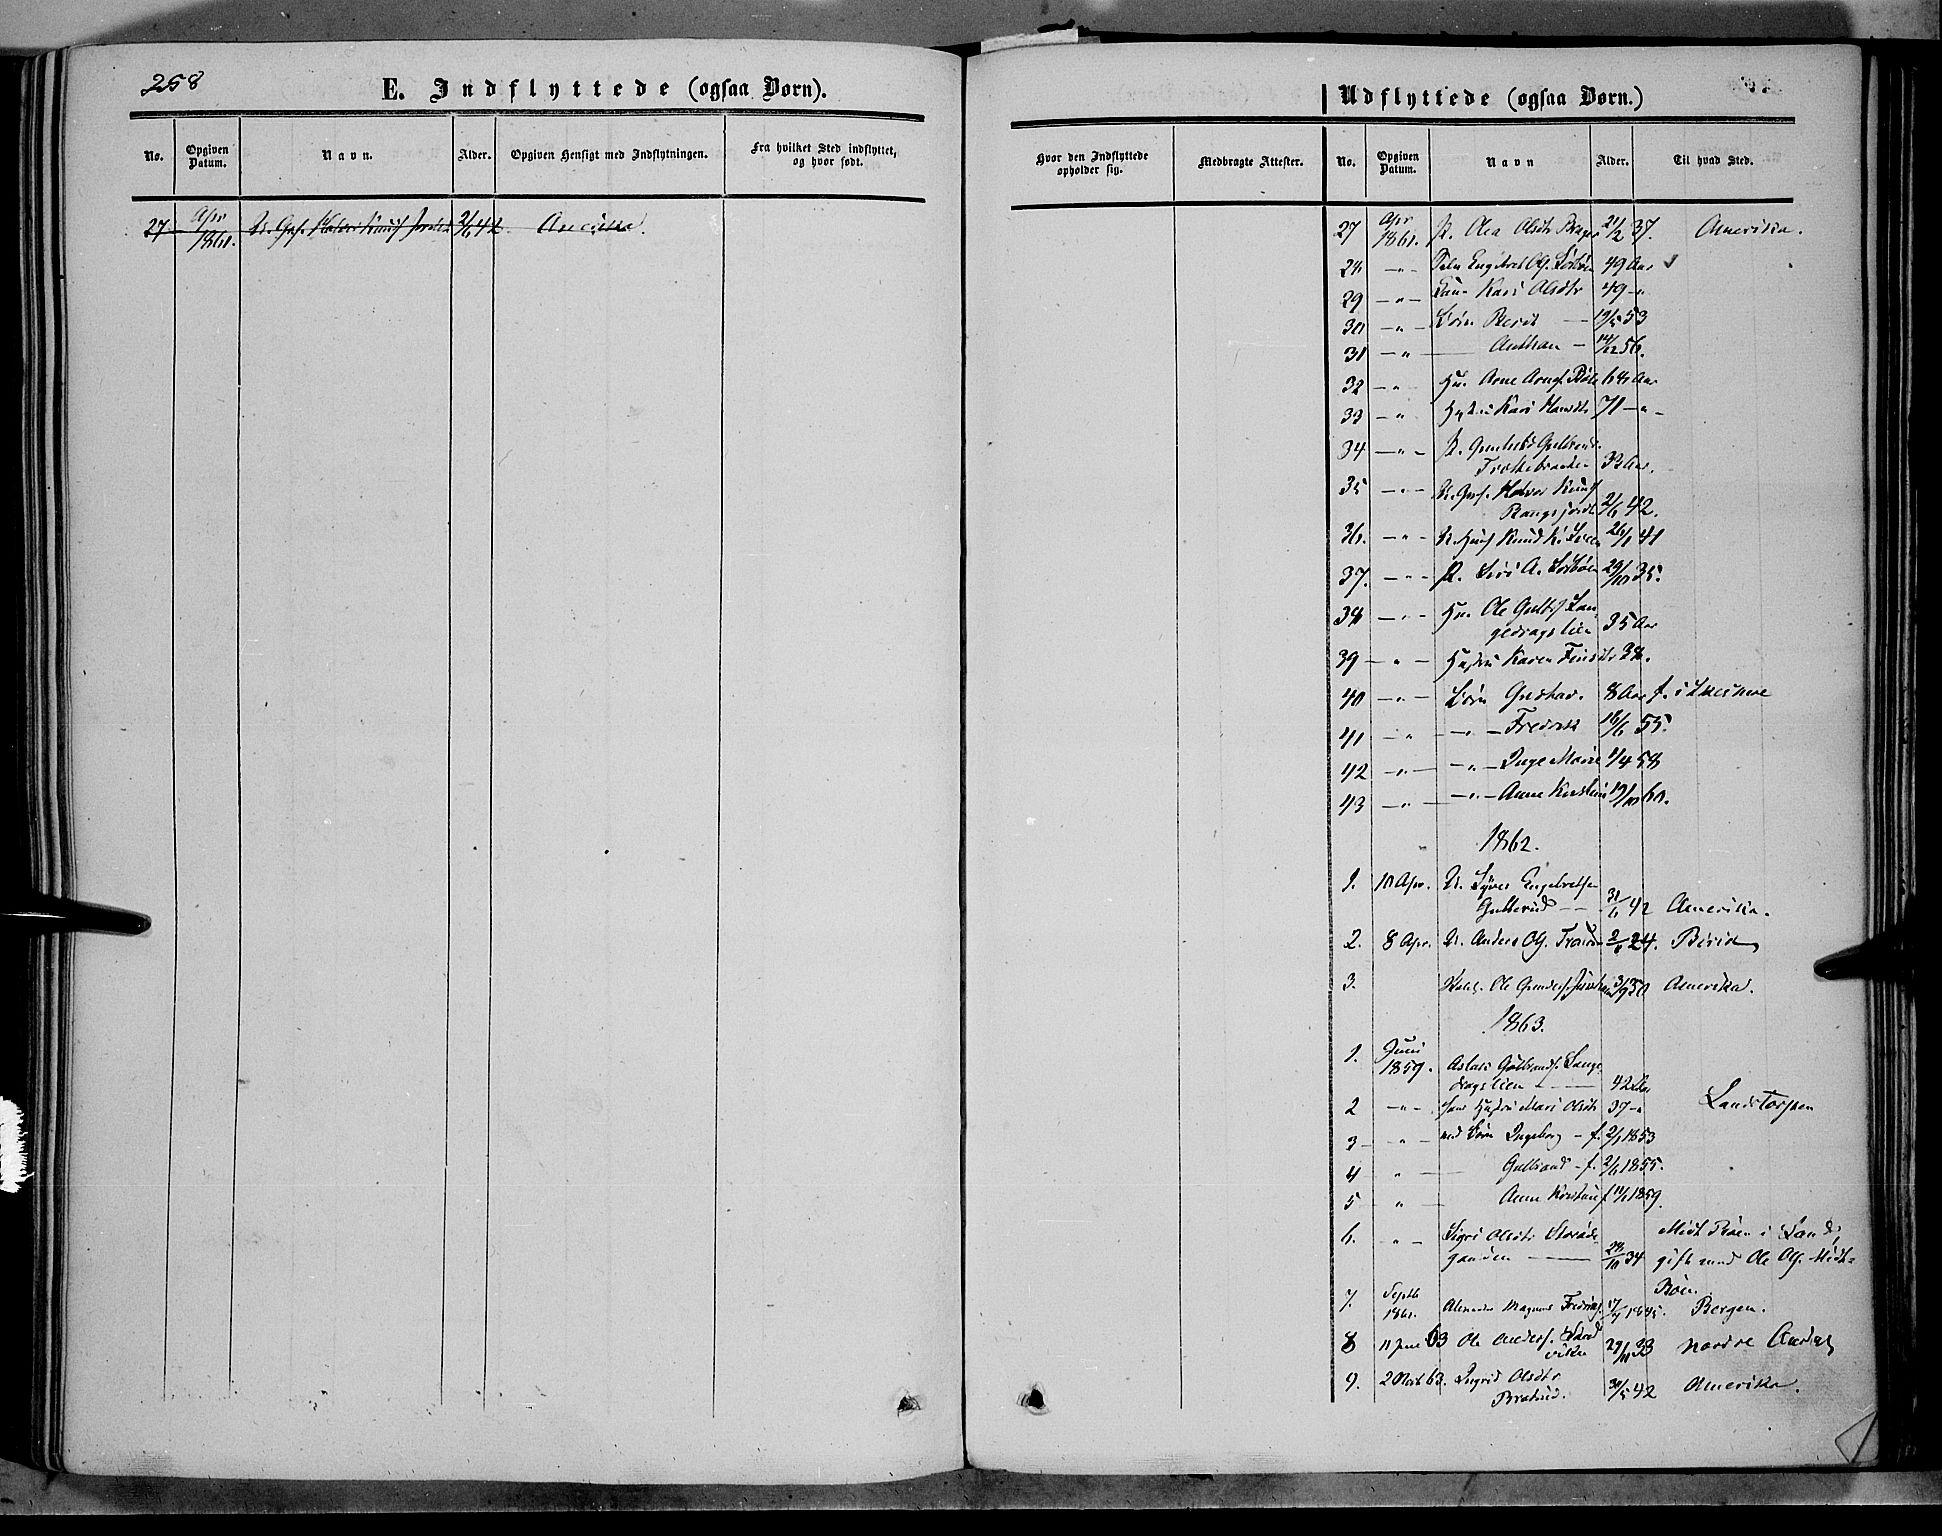 SAH, Sør-Aurdal prestekontor, Ministerialbok nr. 5, 1849-1876, s. 258